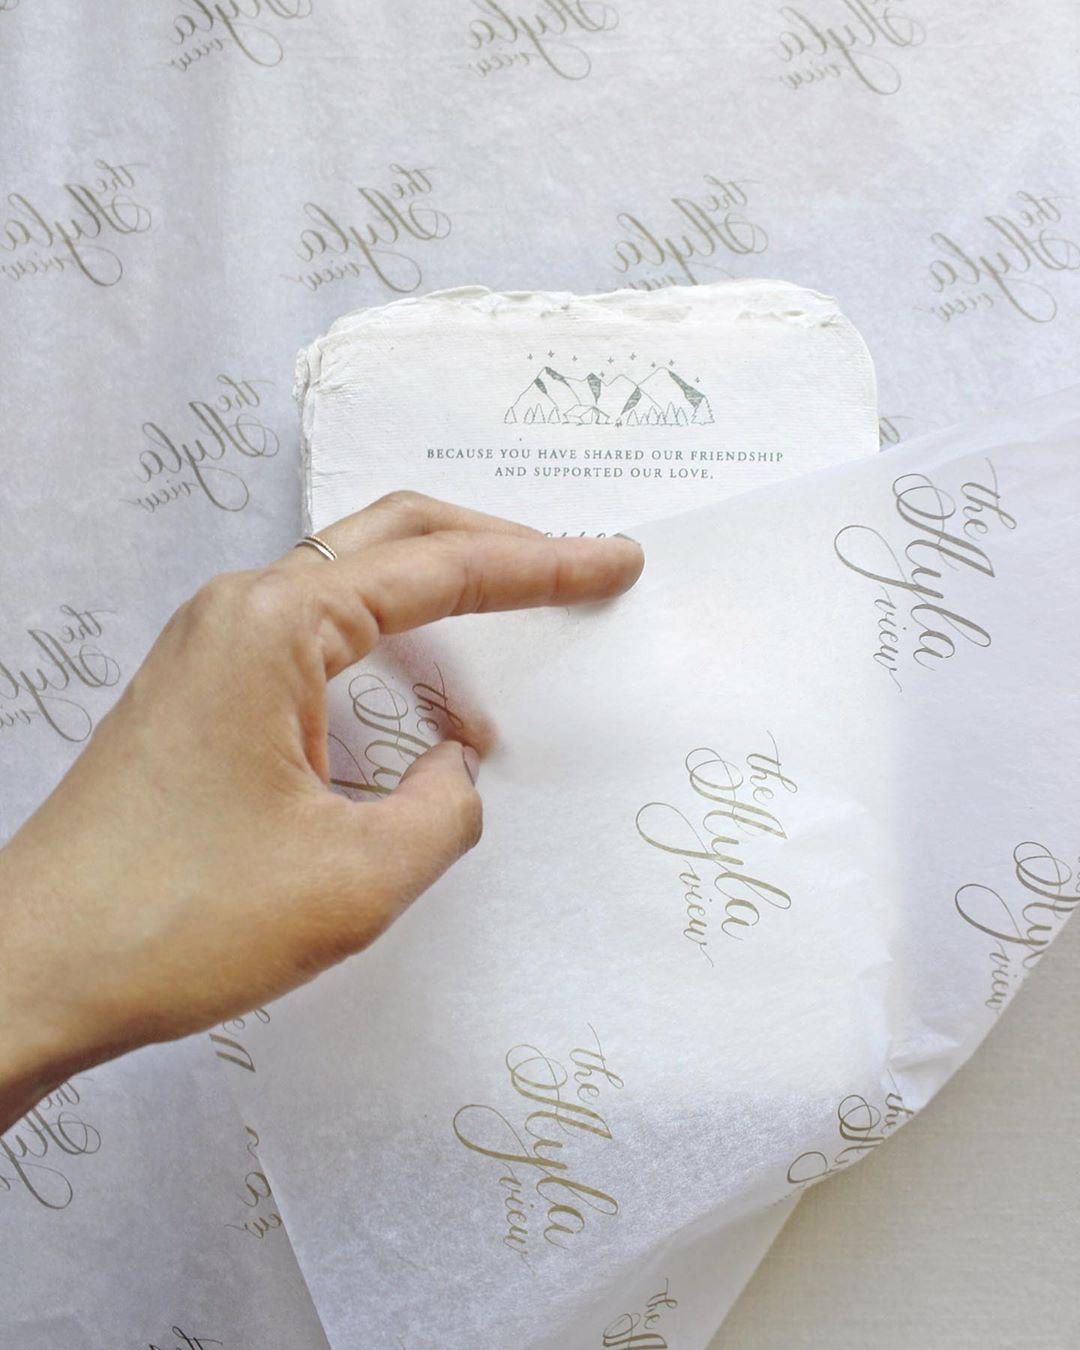 White branded tissue paper